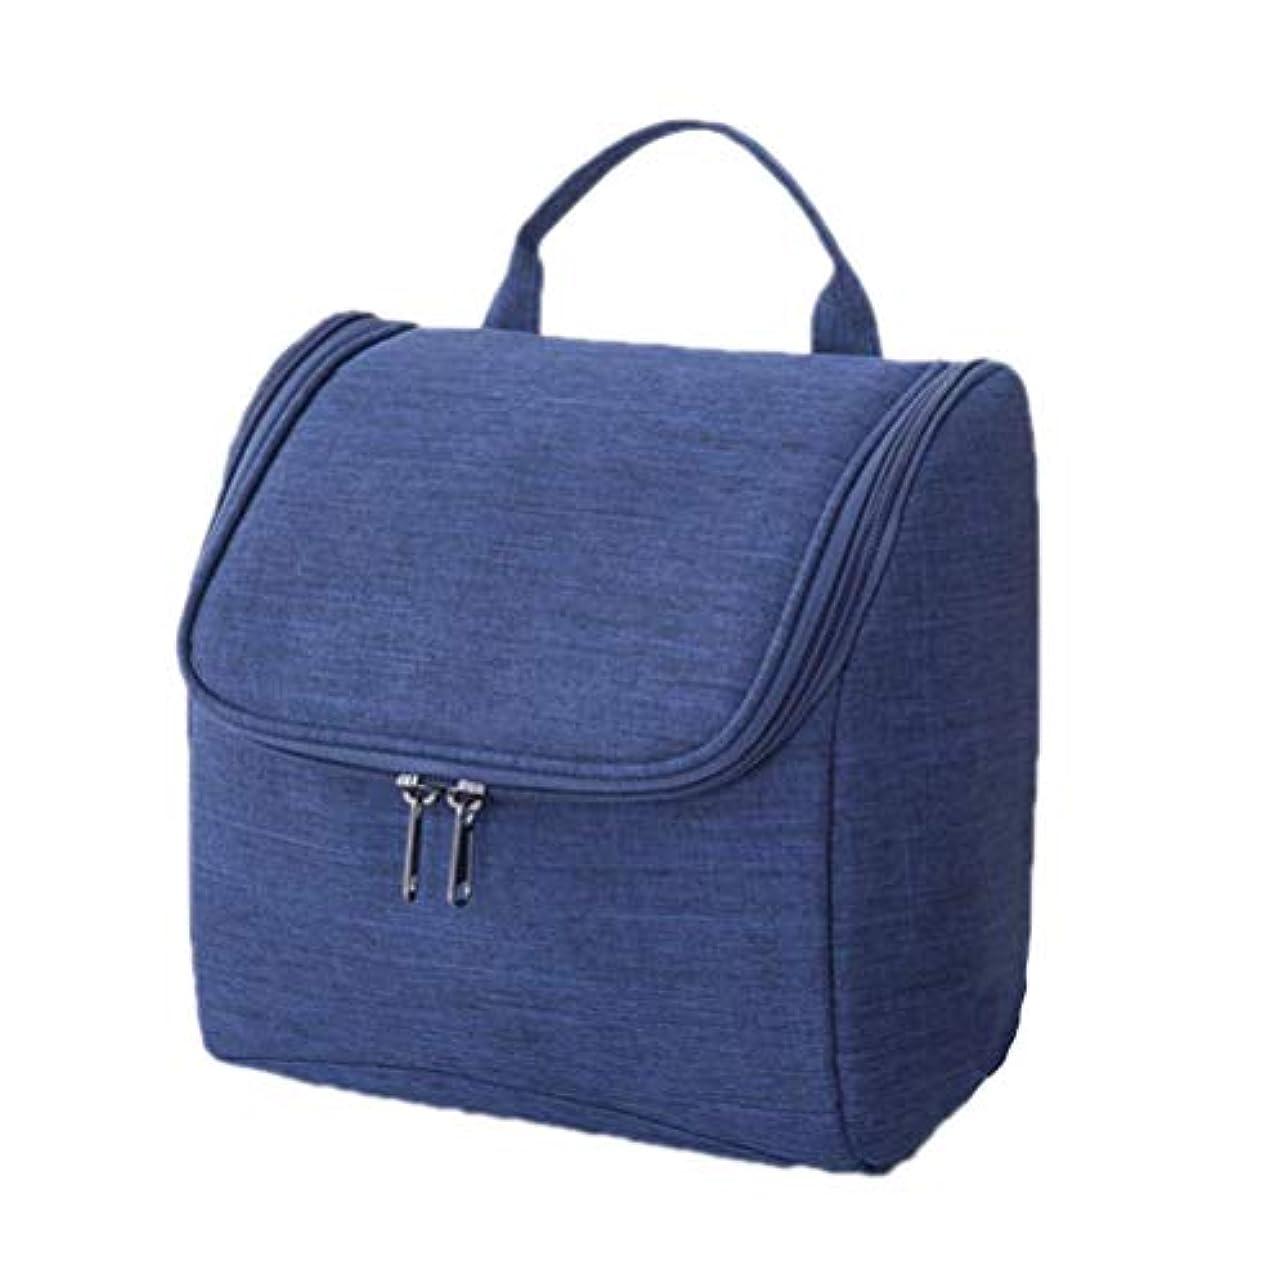 社交的ハードウェアウェーハCOSCO コスメバッグ トラベルポーチ 化粧ポーチ 旅行バッグ 洗面用具入れ 収納バッグ フック付き 吊り下げ